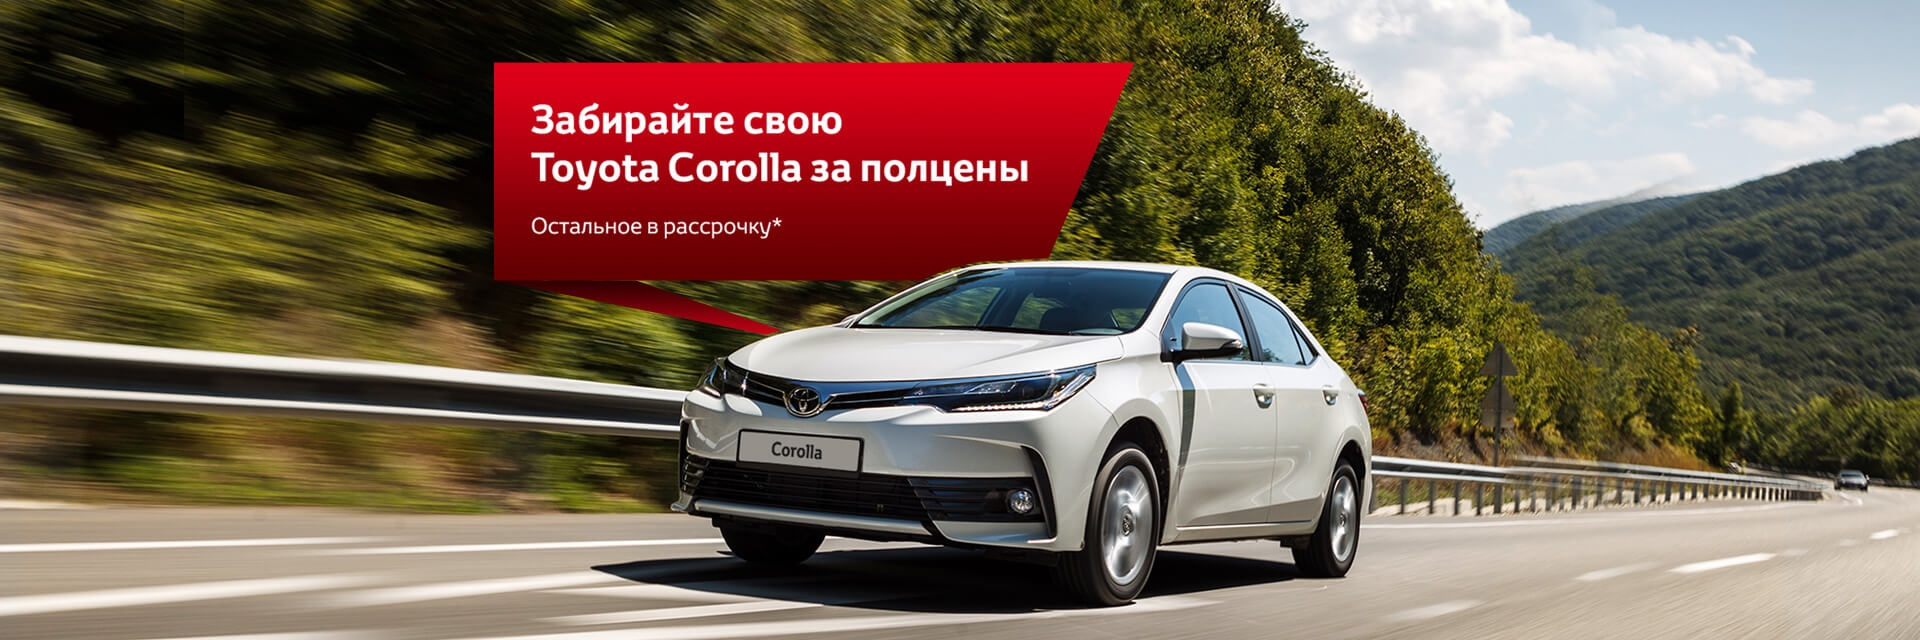 Кредит наличными 100 000 грн приватбанк